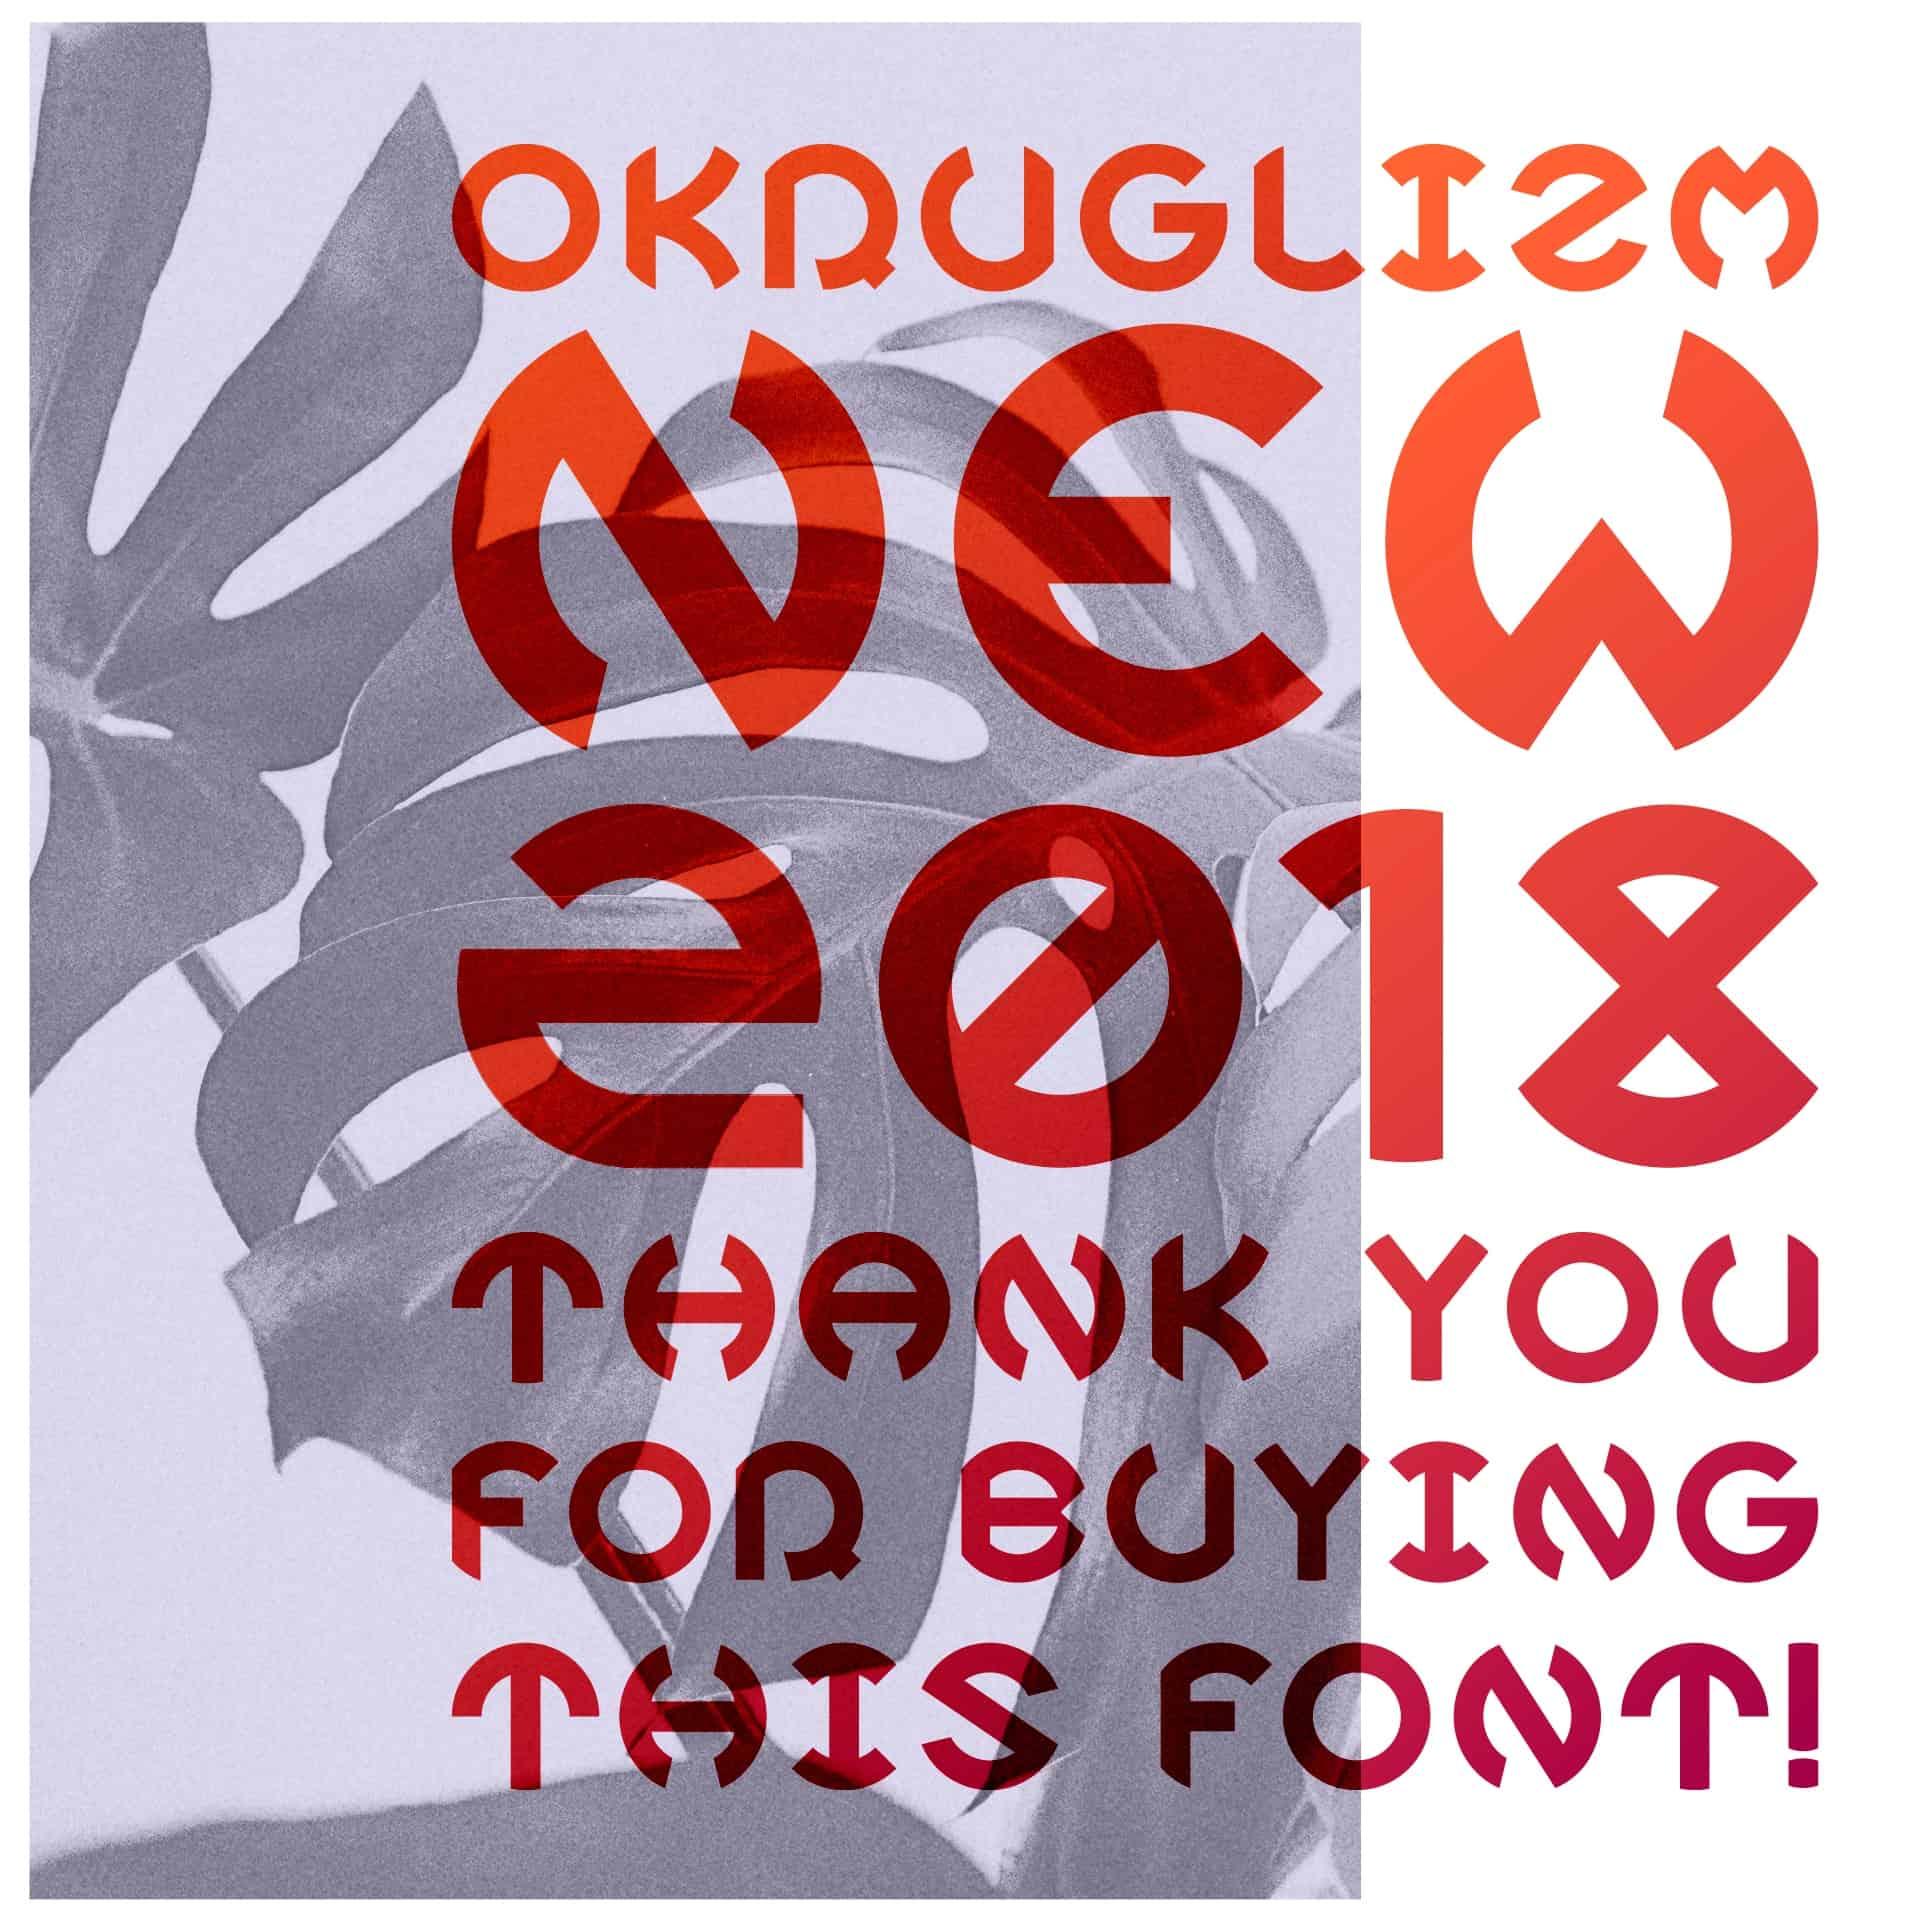 Okruglizm шрифт скачать бесплатно